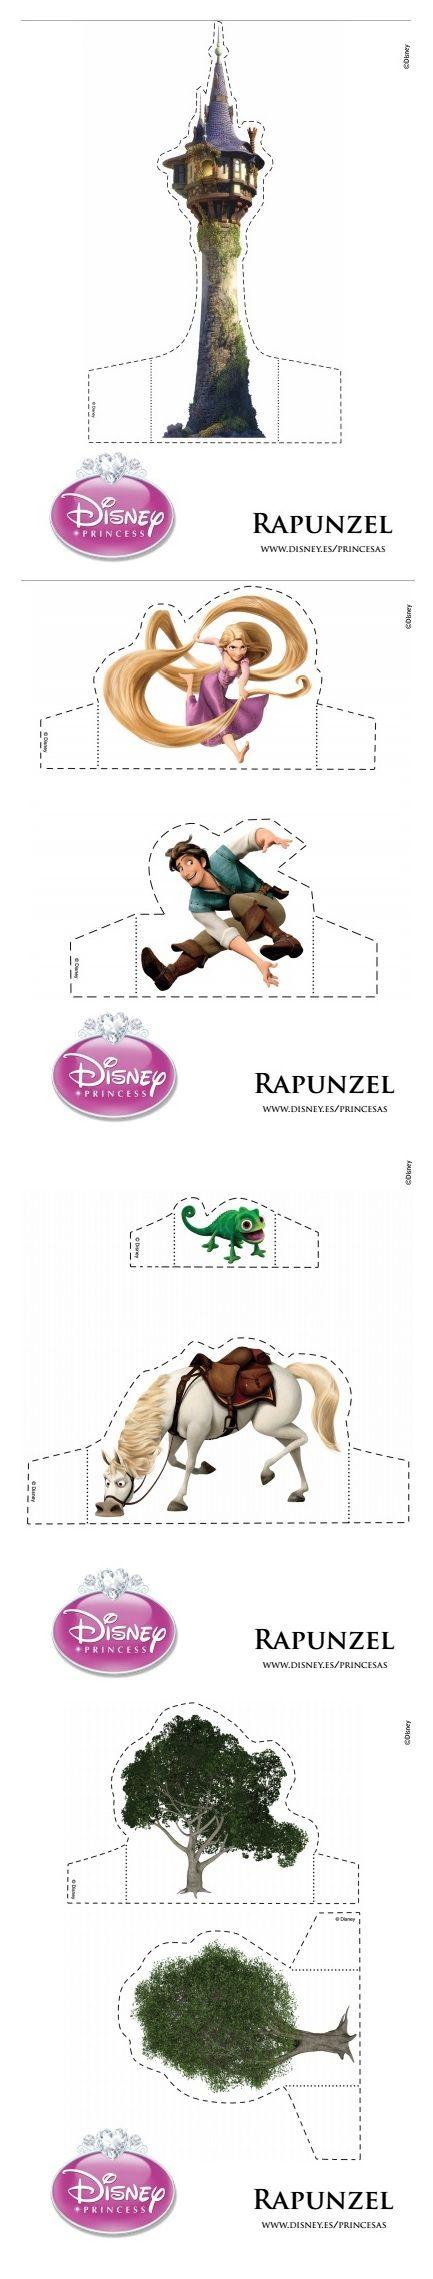 Disney Princess Repunzel's: Print Out and Cut, Castle Template- [ Little Blue Bow ]♡ www.facebook.com/littlebluebowevents